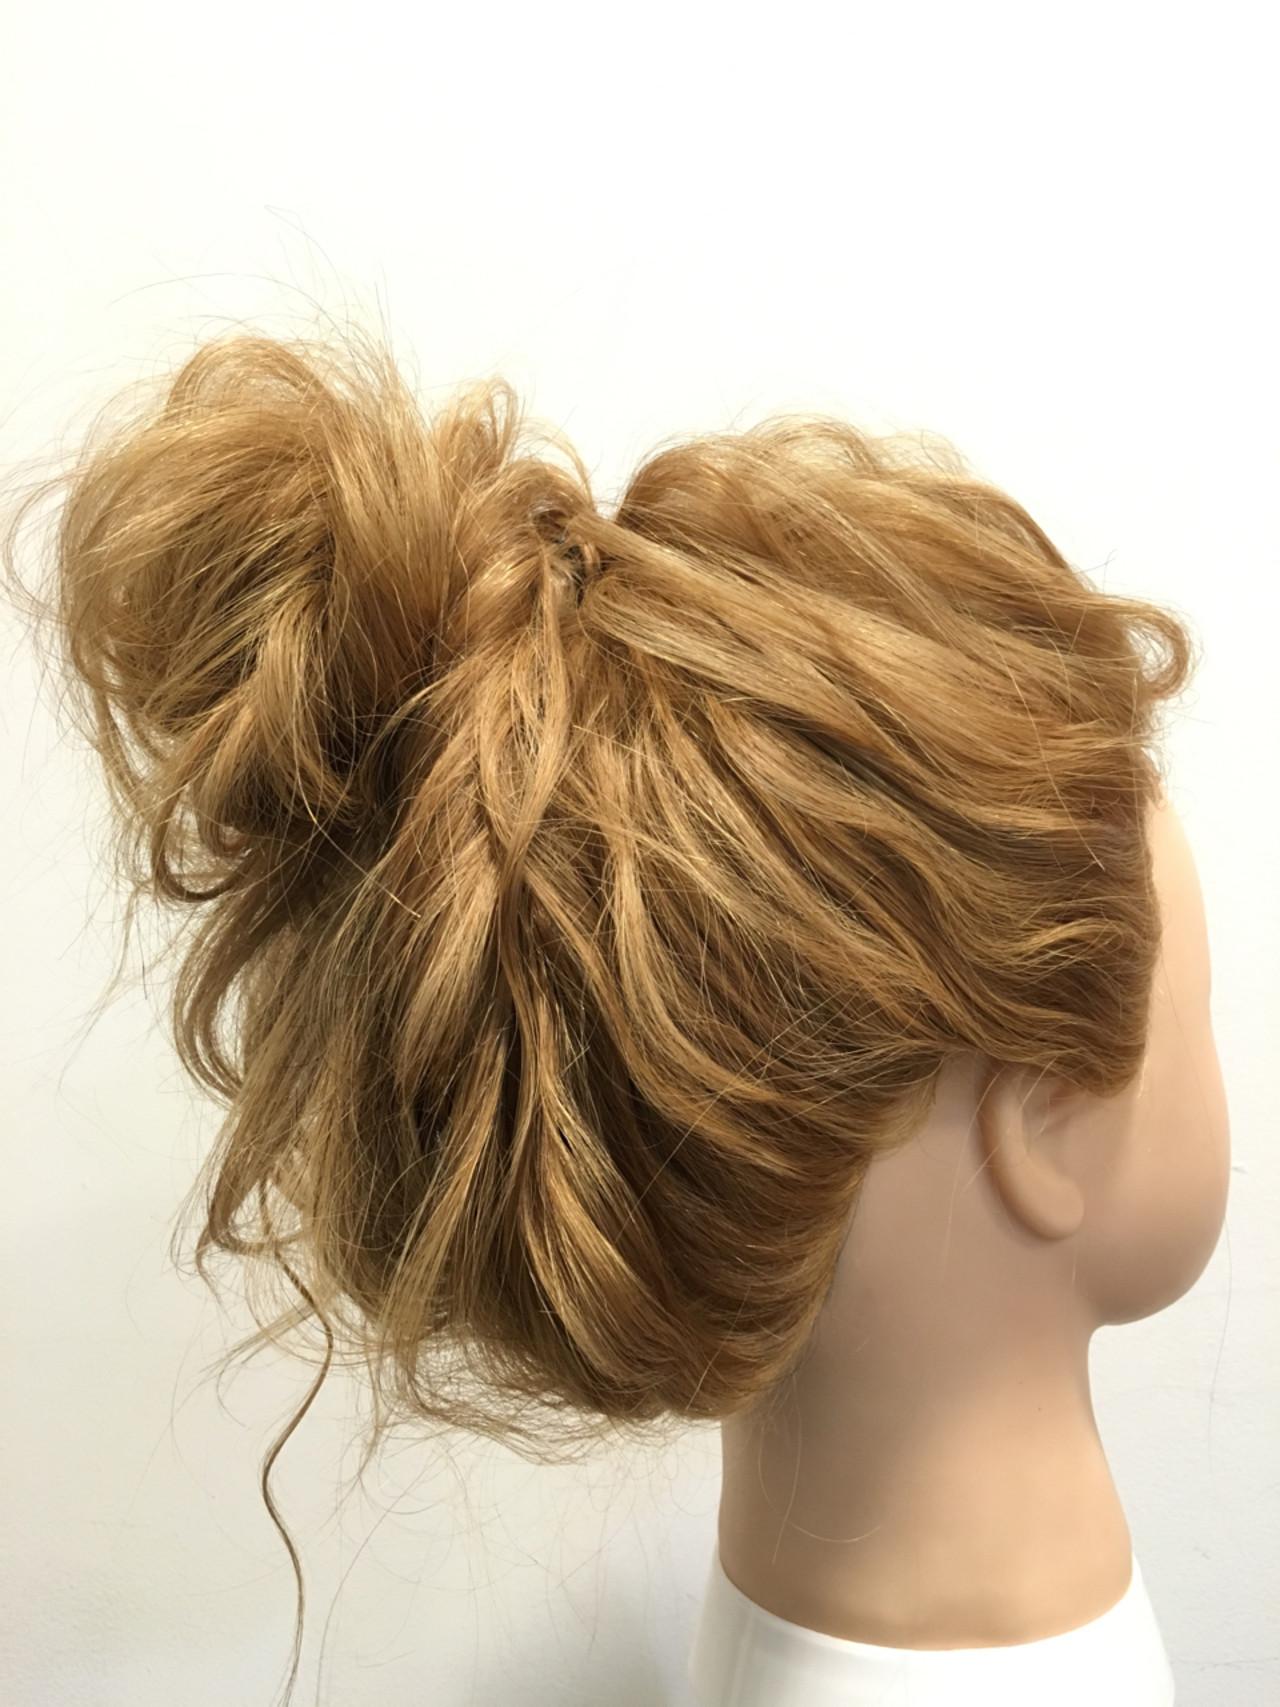 ロング ヘアアレンジ ショート メッシーバン ヘアスタイルや髪型の写真・画像